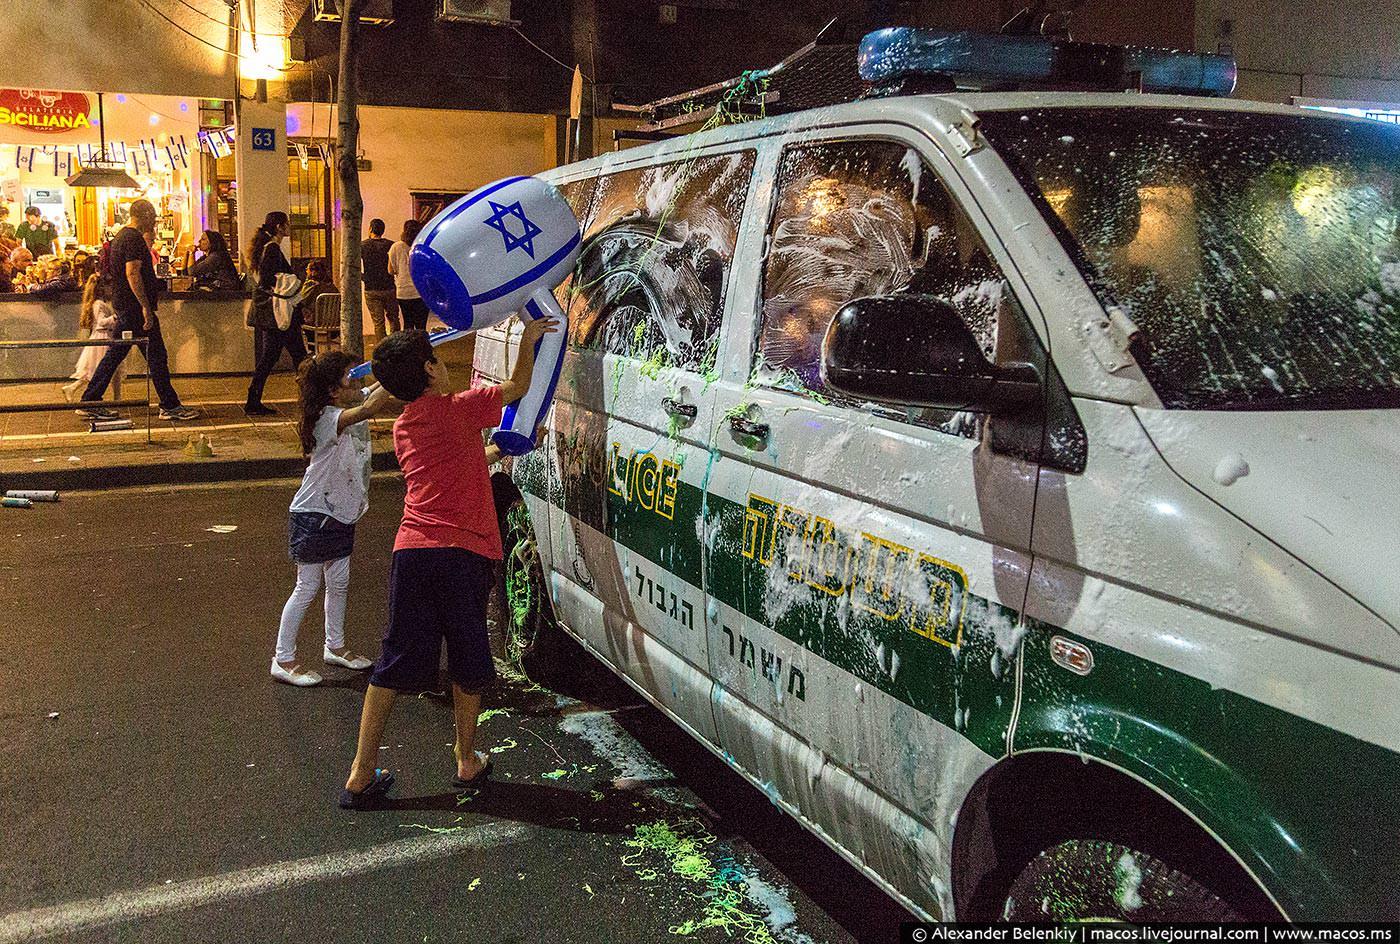 Как отмечают день независимости в Израиле